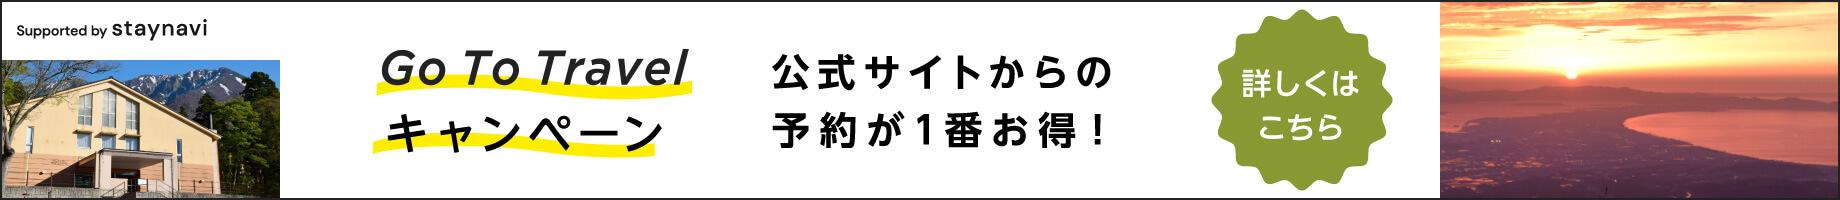 Go To Travelキャンペーン 公式サイトからの予約が1番お得!